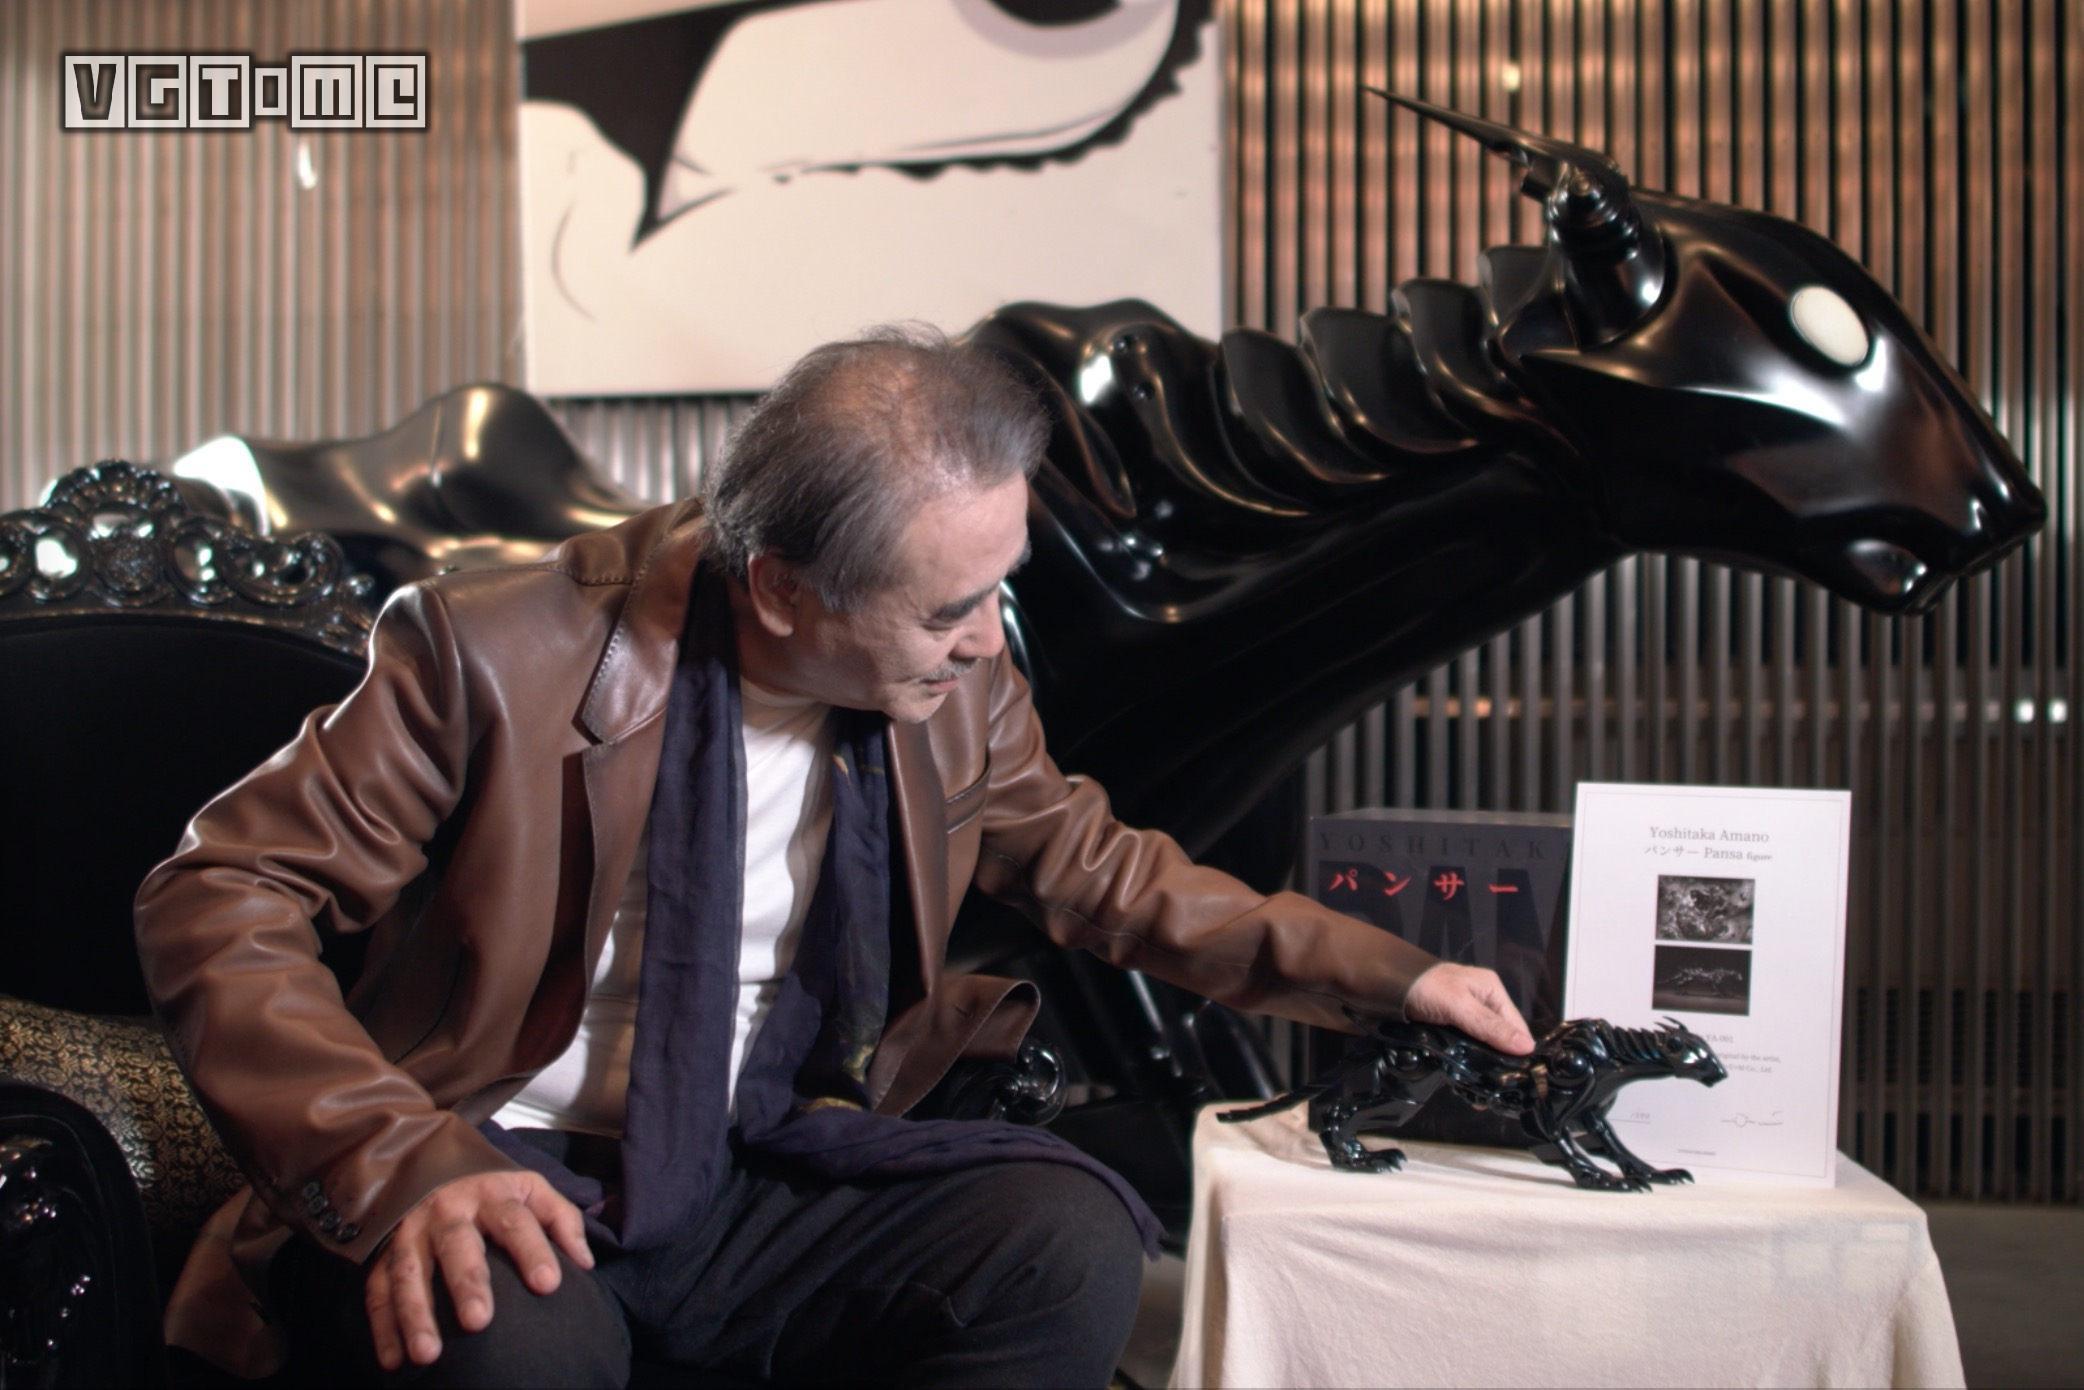 天野喜孝「PANSA 通往未来世界的时光机」珍藏版限定手办即将全球